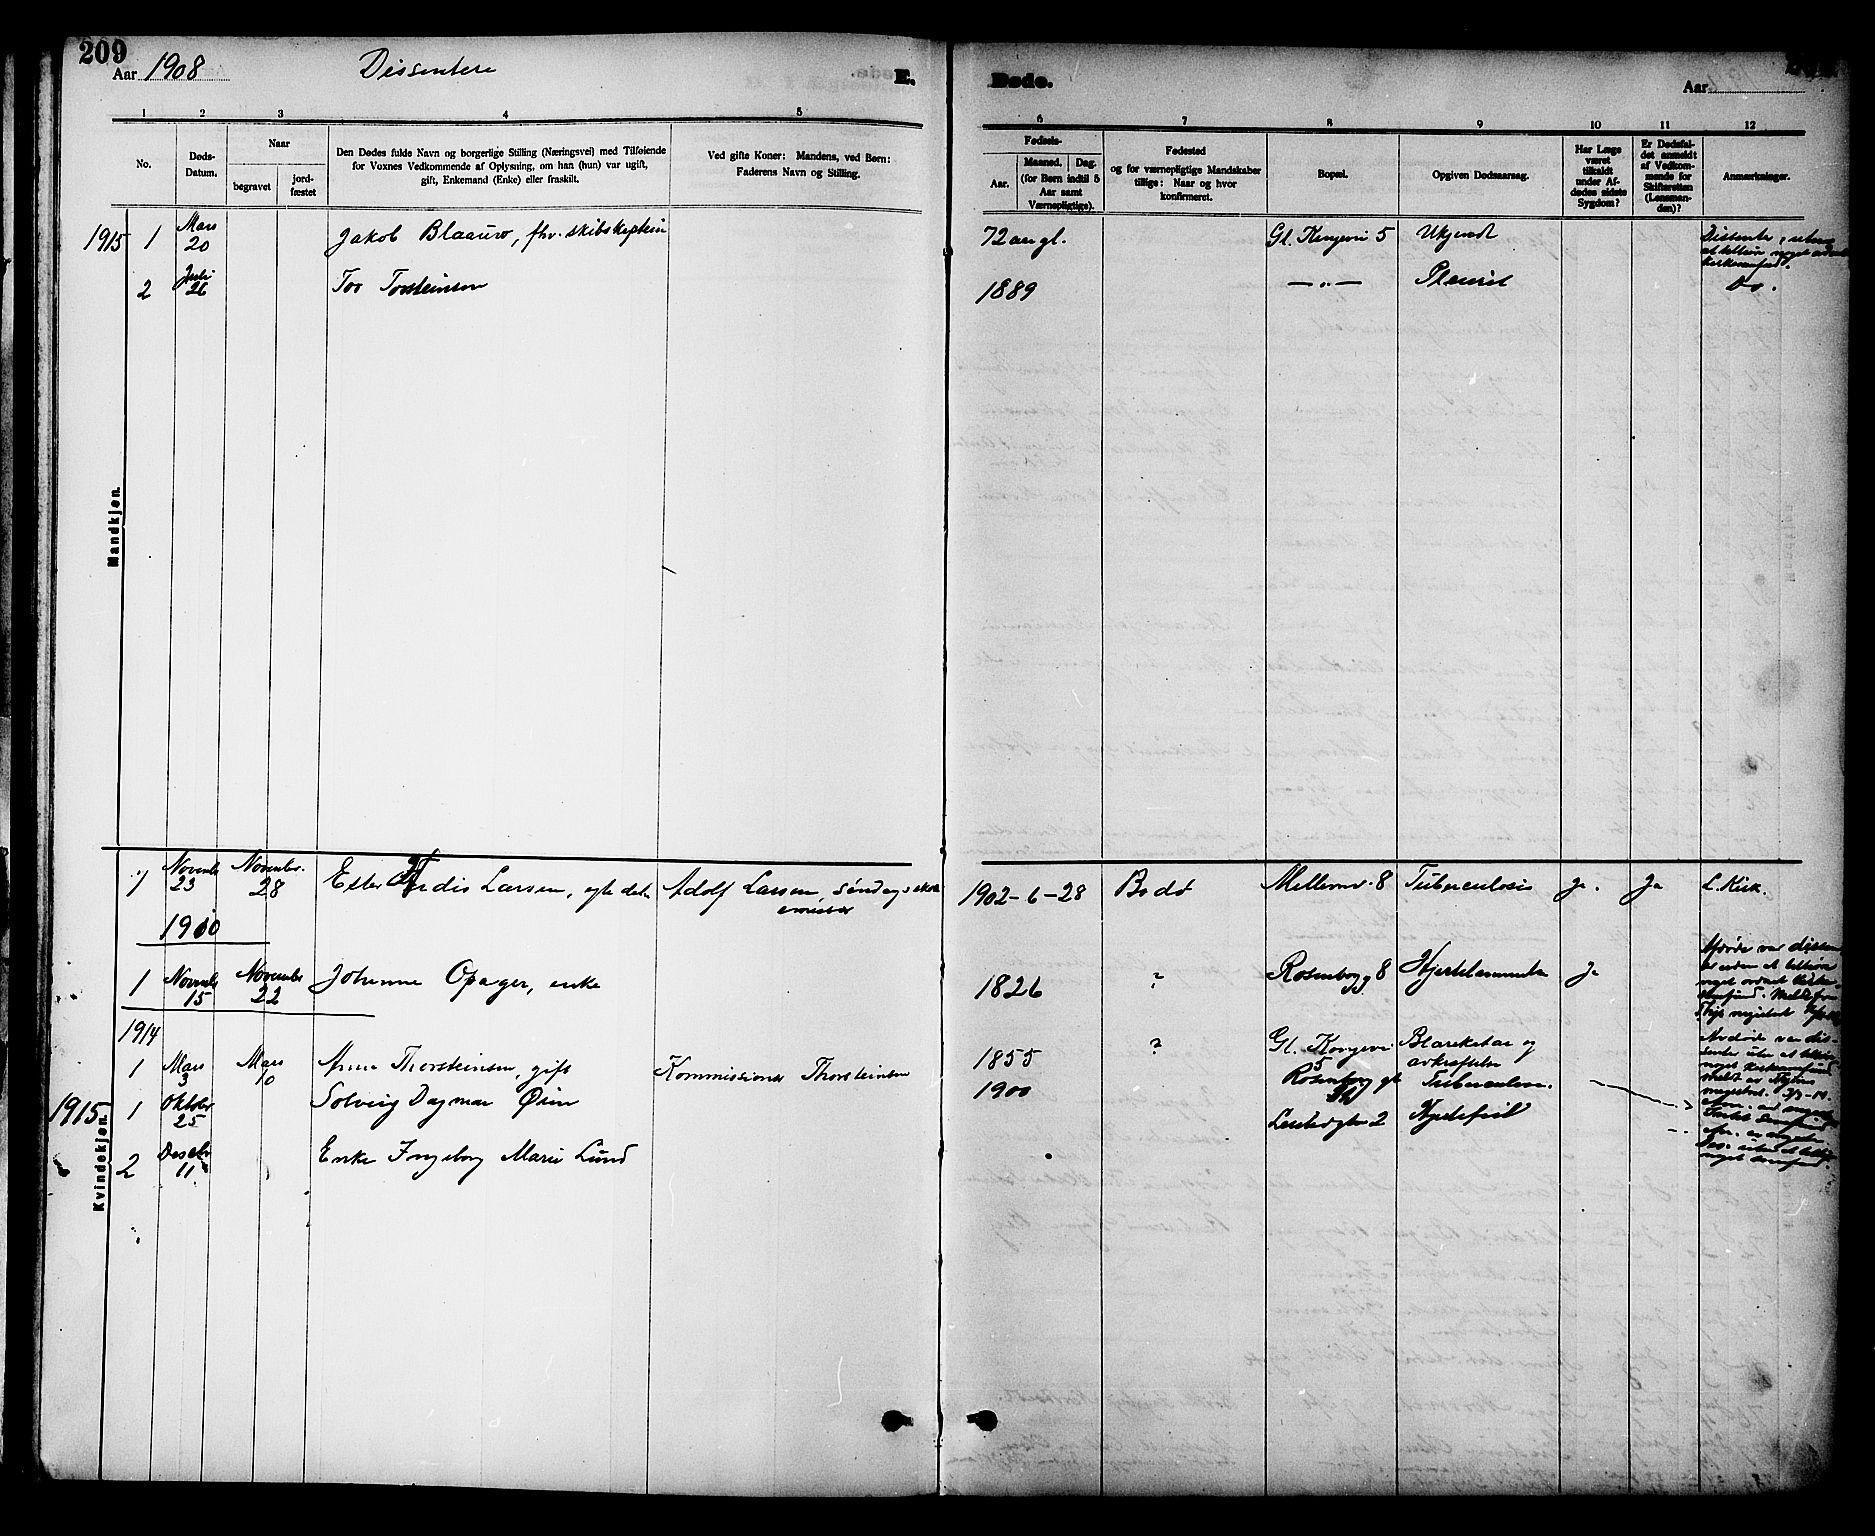 SAT, Ministerialprotokoller, klokkerbøker og fødselsregistre - Sør-Trøndelag, 605/L0255: Klokkerbok nr. 605C02, 1908-1918, s. 209